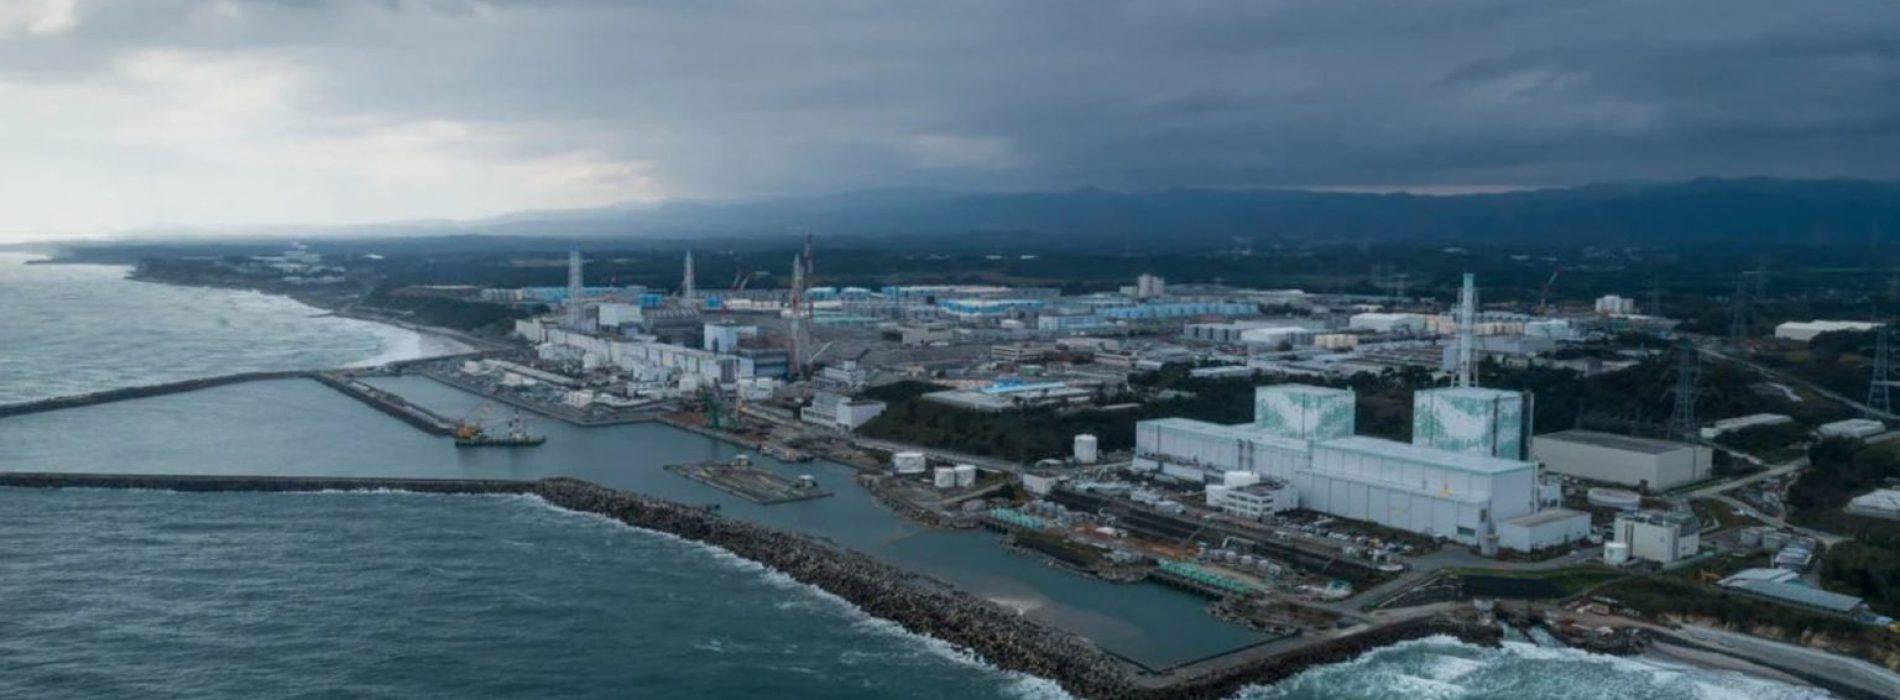 Japan zegt dat het storten van radioactief water van Fukushima in de Stille Oceaan nu 'onvermijdelijk' is